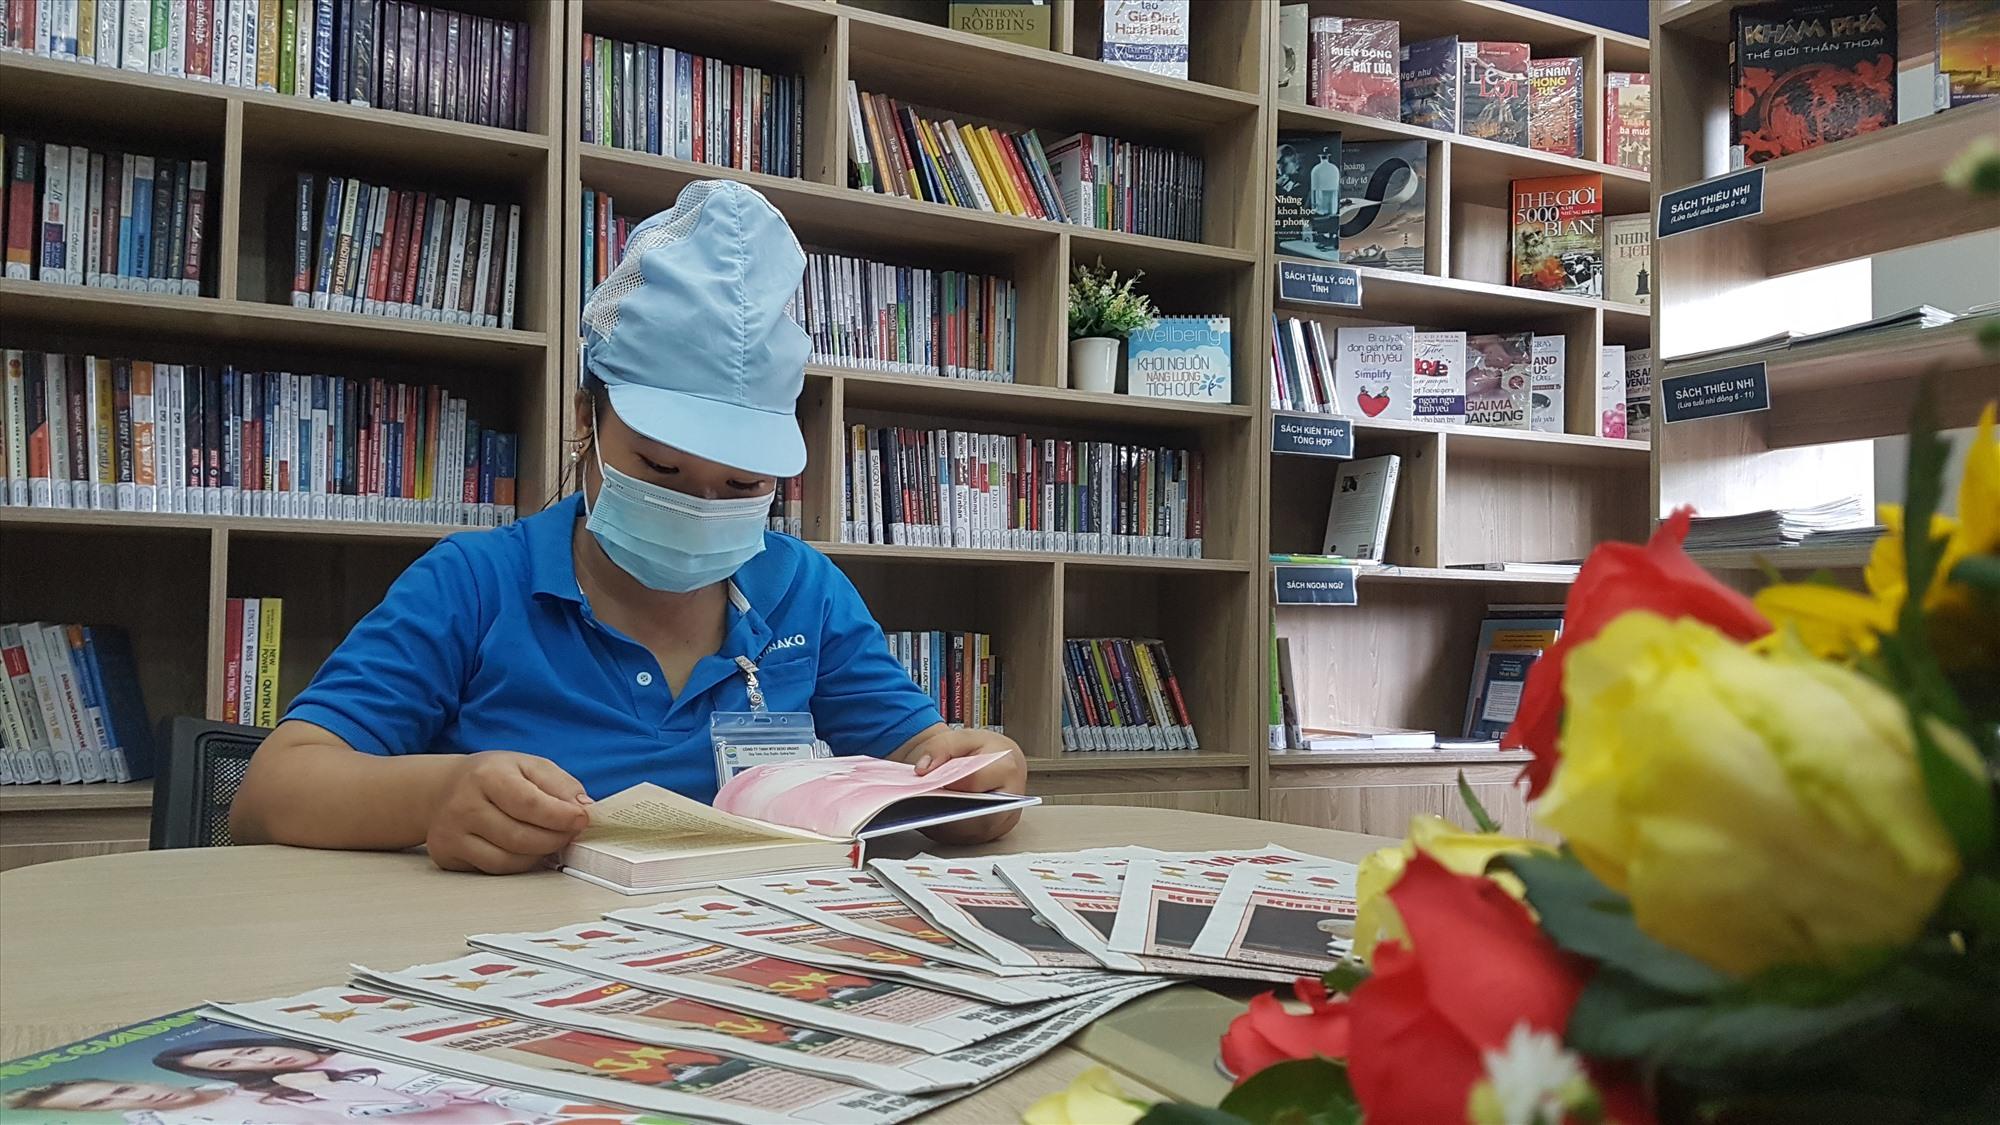 Công nhân đến thư viện để đọc sách. Ảnh: D.L